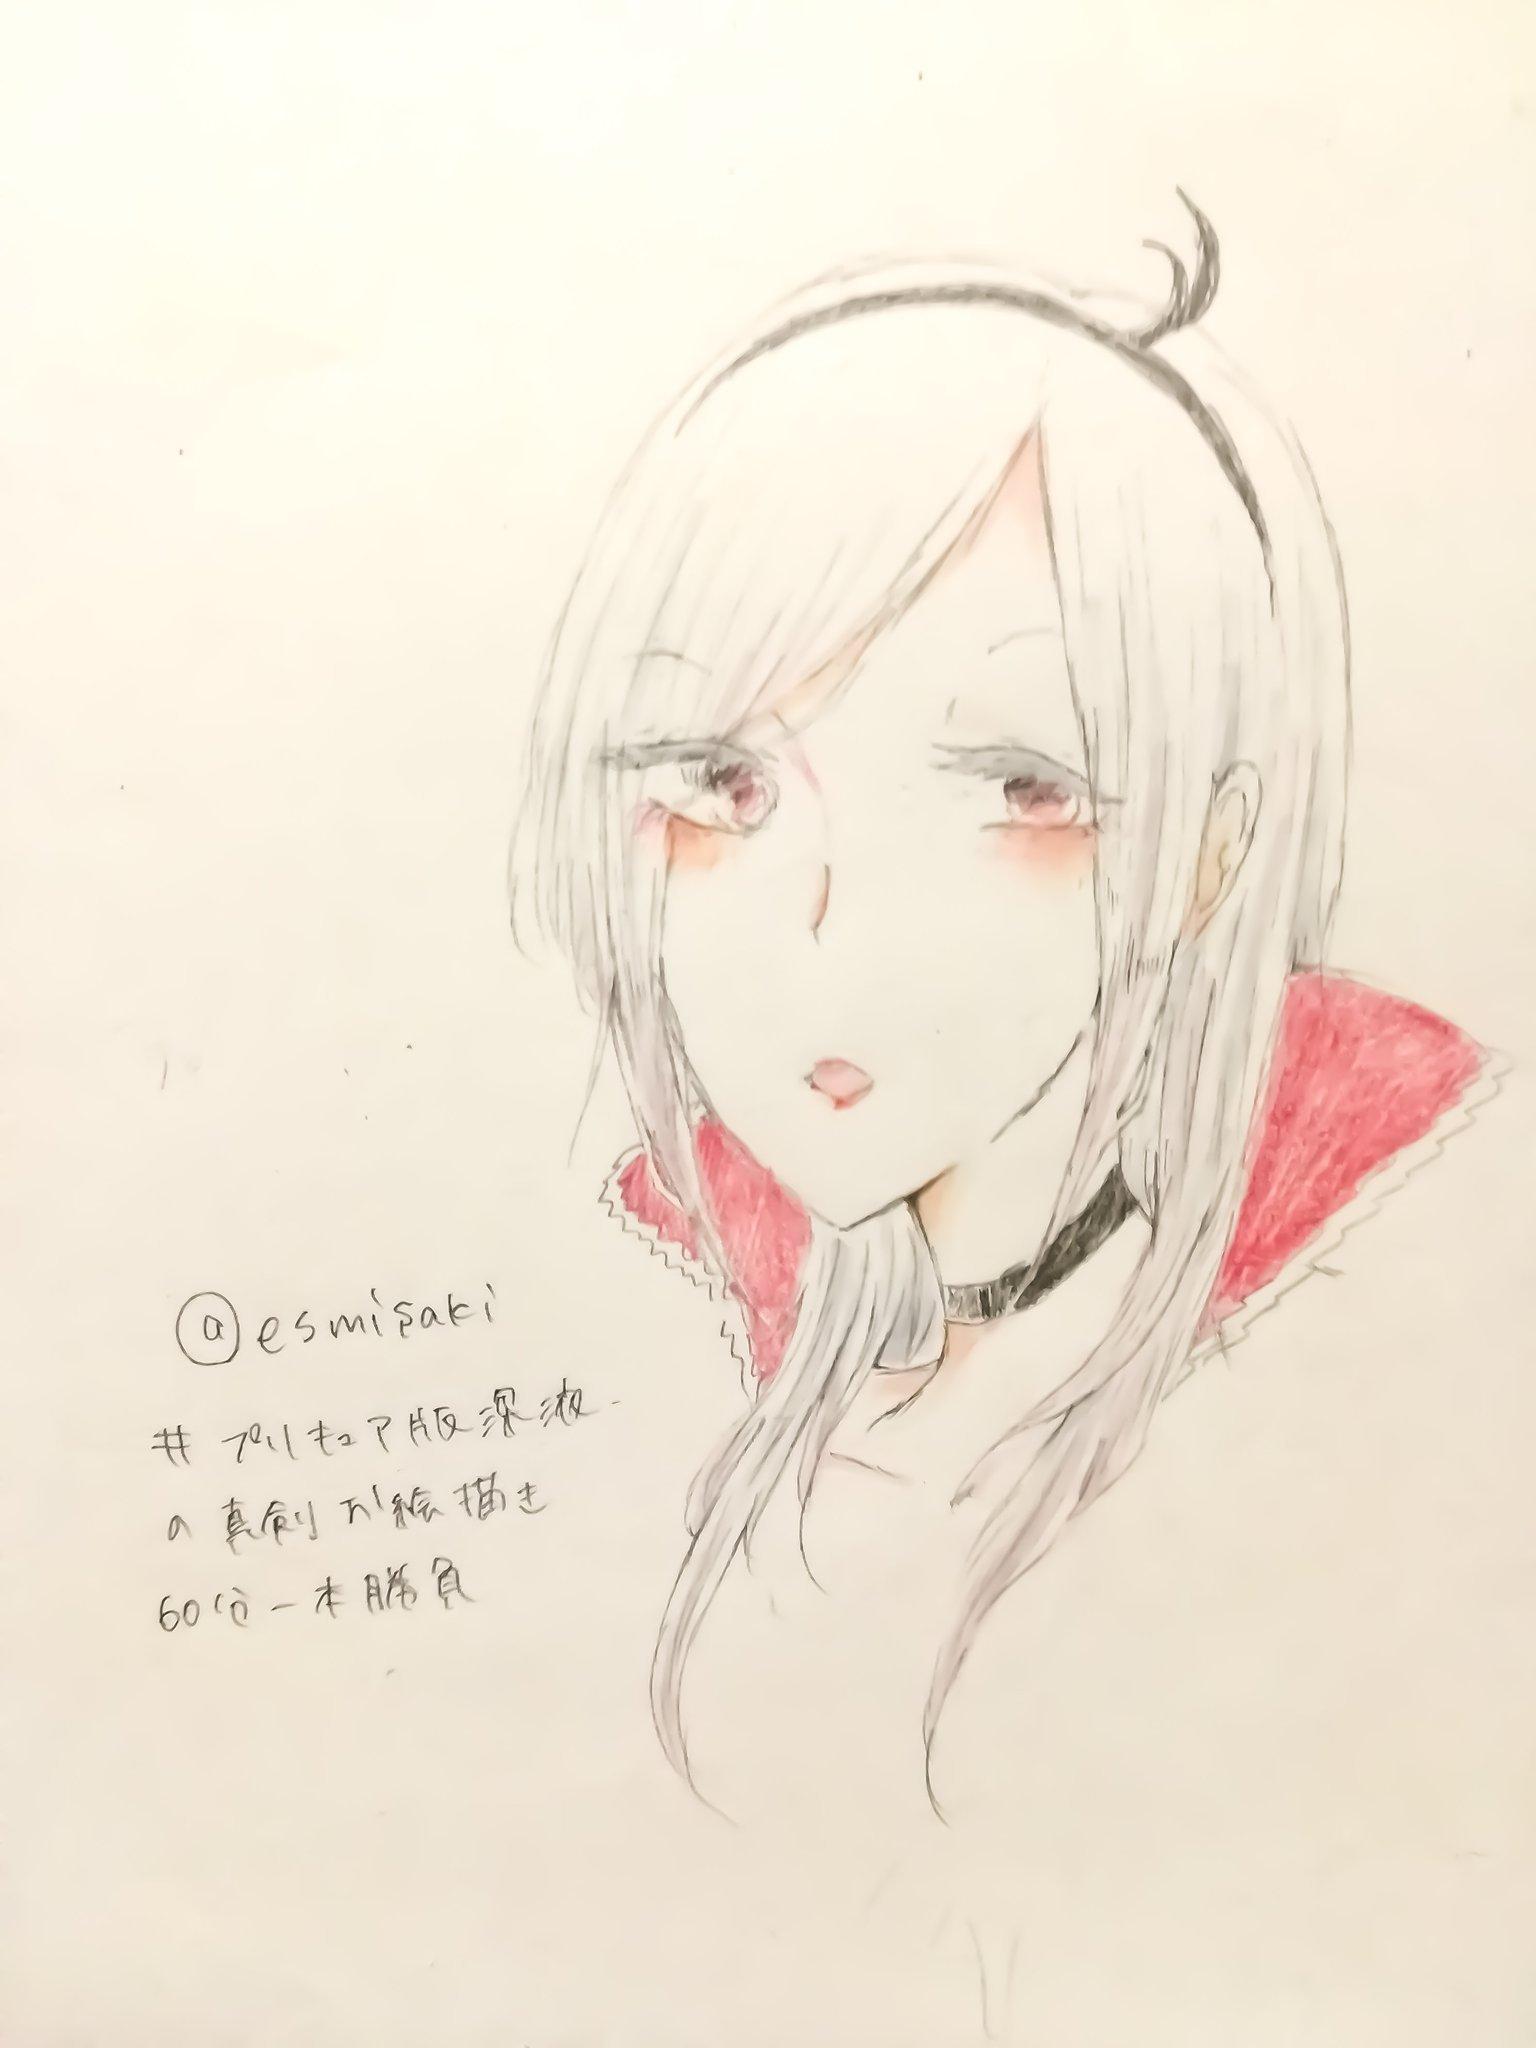 みさき[85/100] (@esmisaki)さんのイラスト